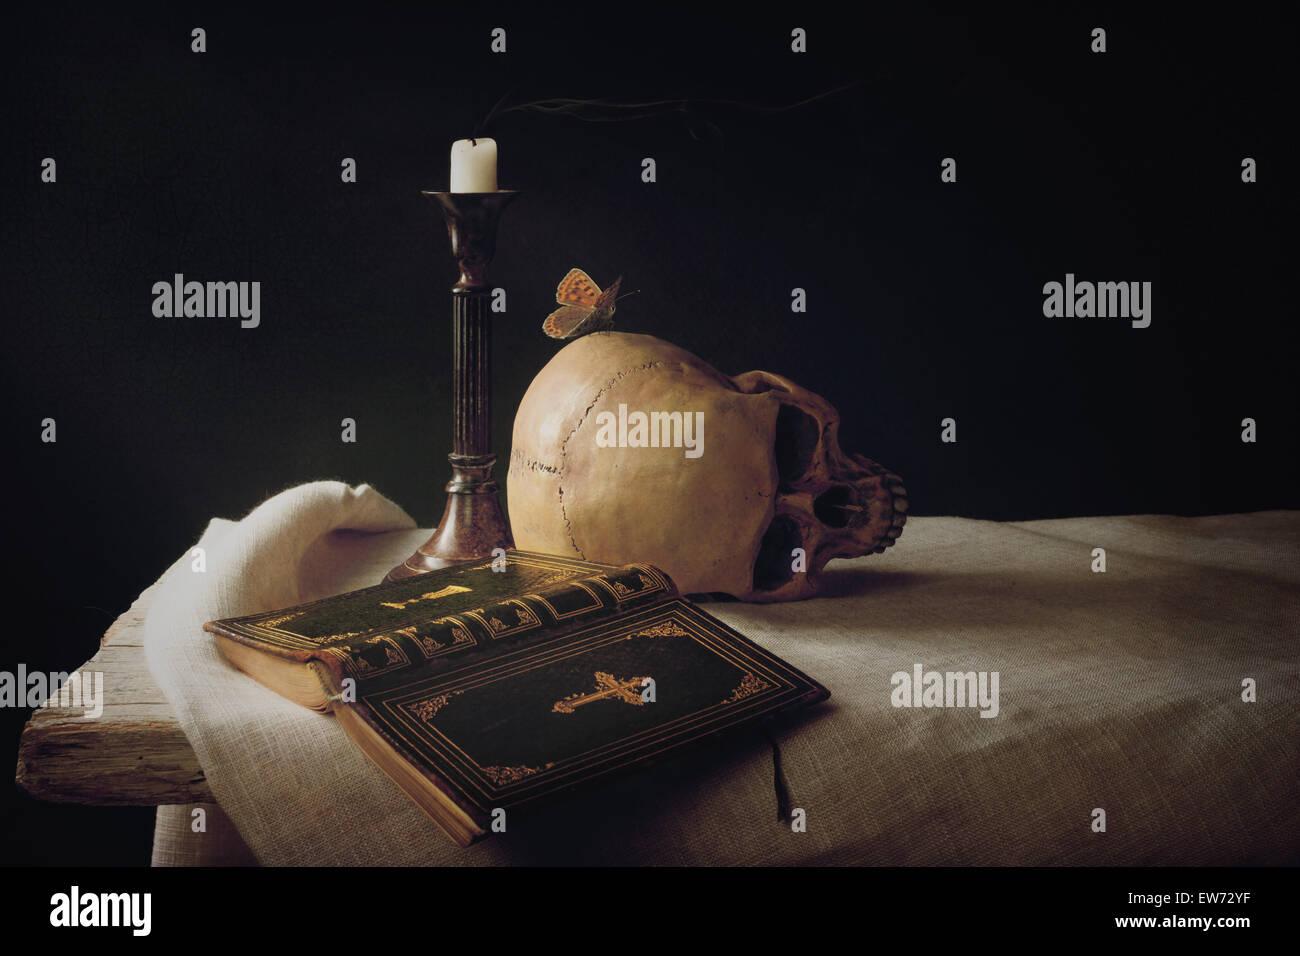 Vanitas; Biblia, cráneo, Velas como símbolo de vida, muerte y resurrección Foto de stock